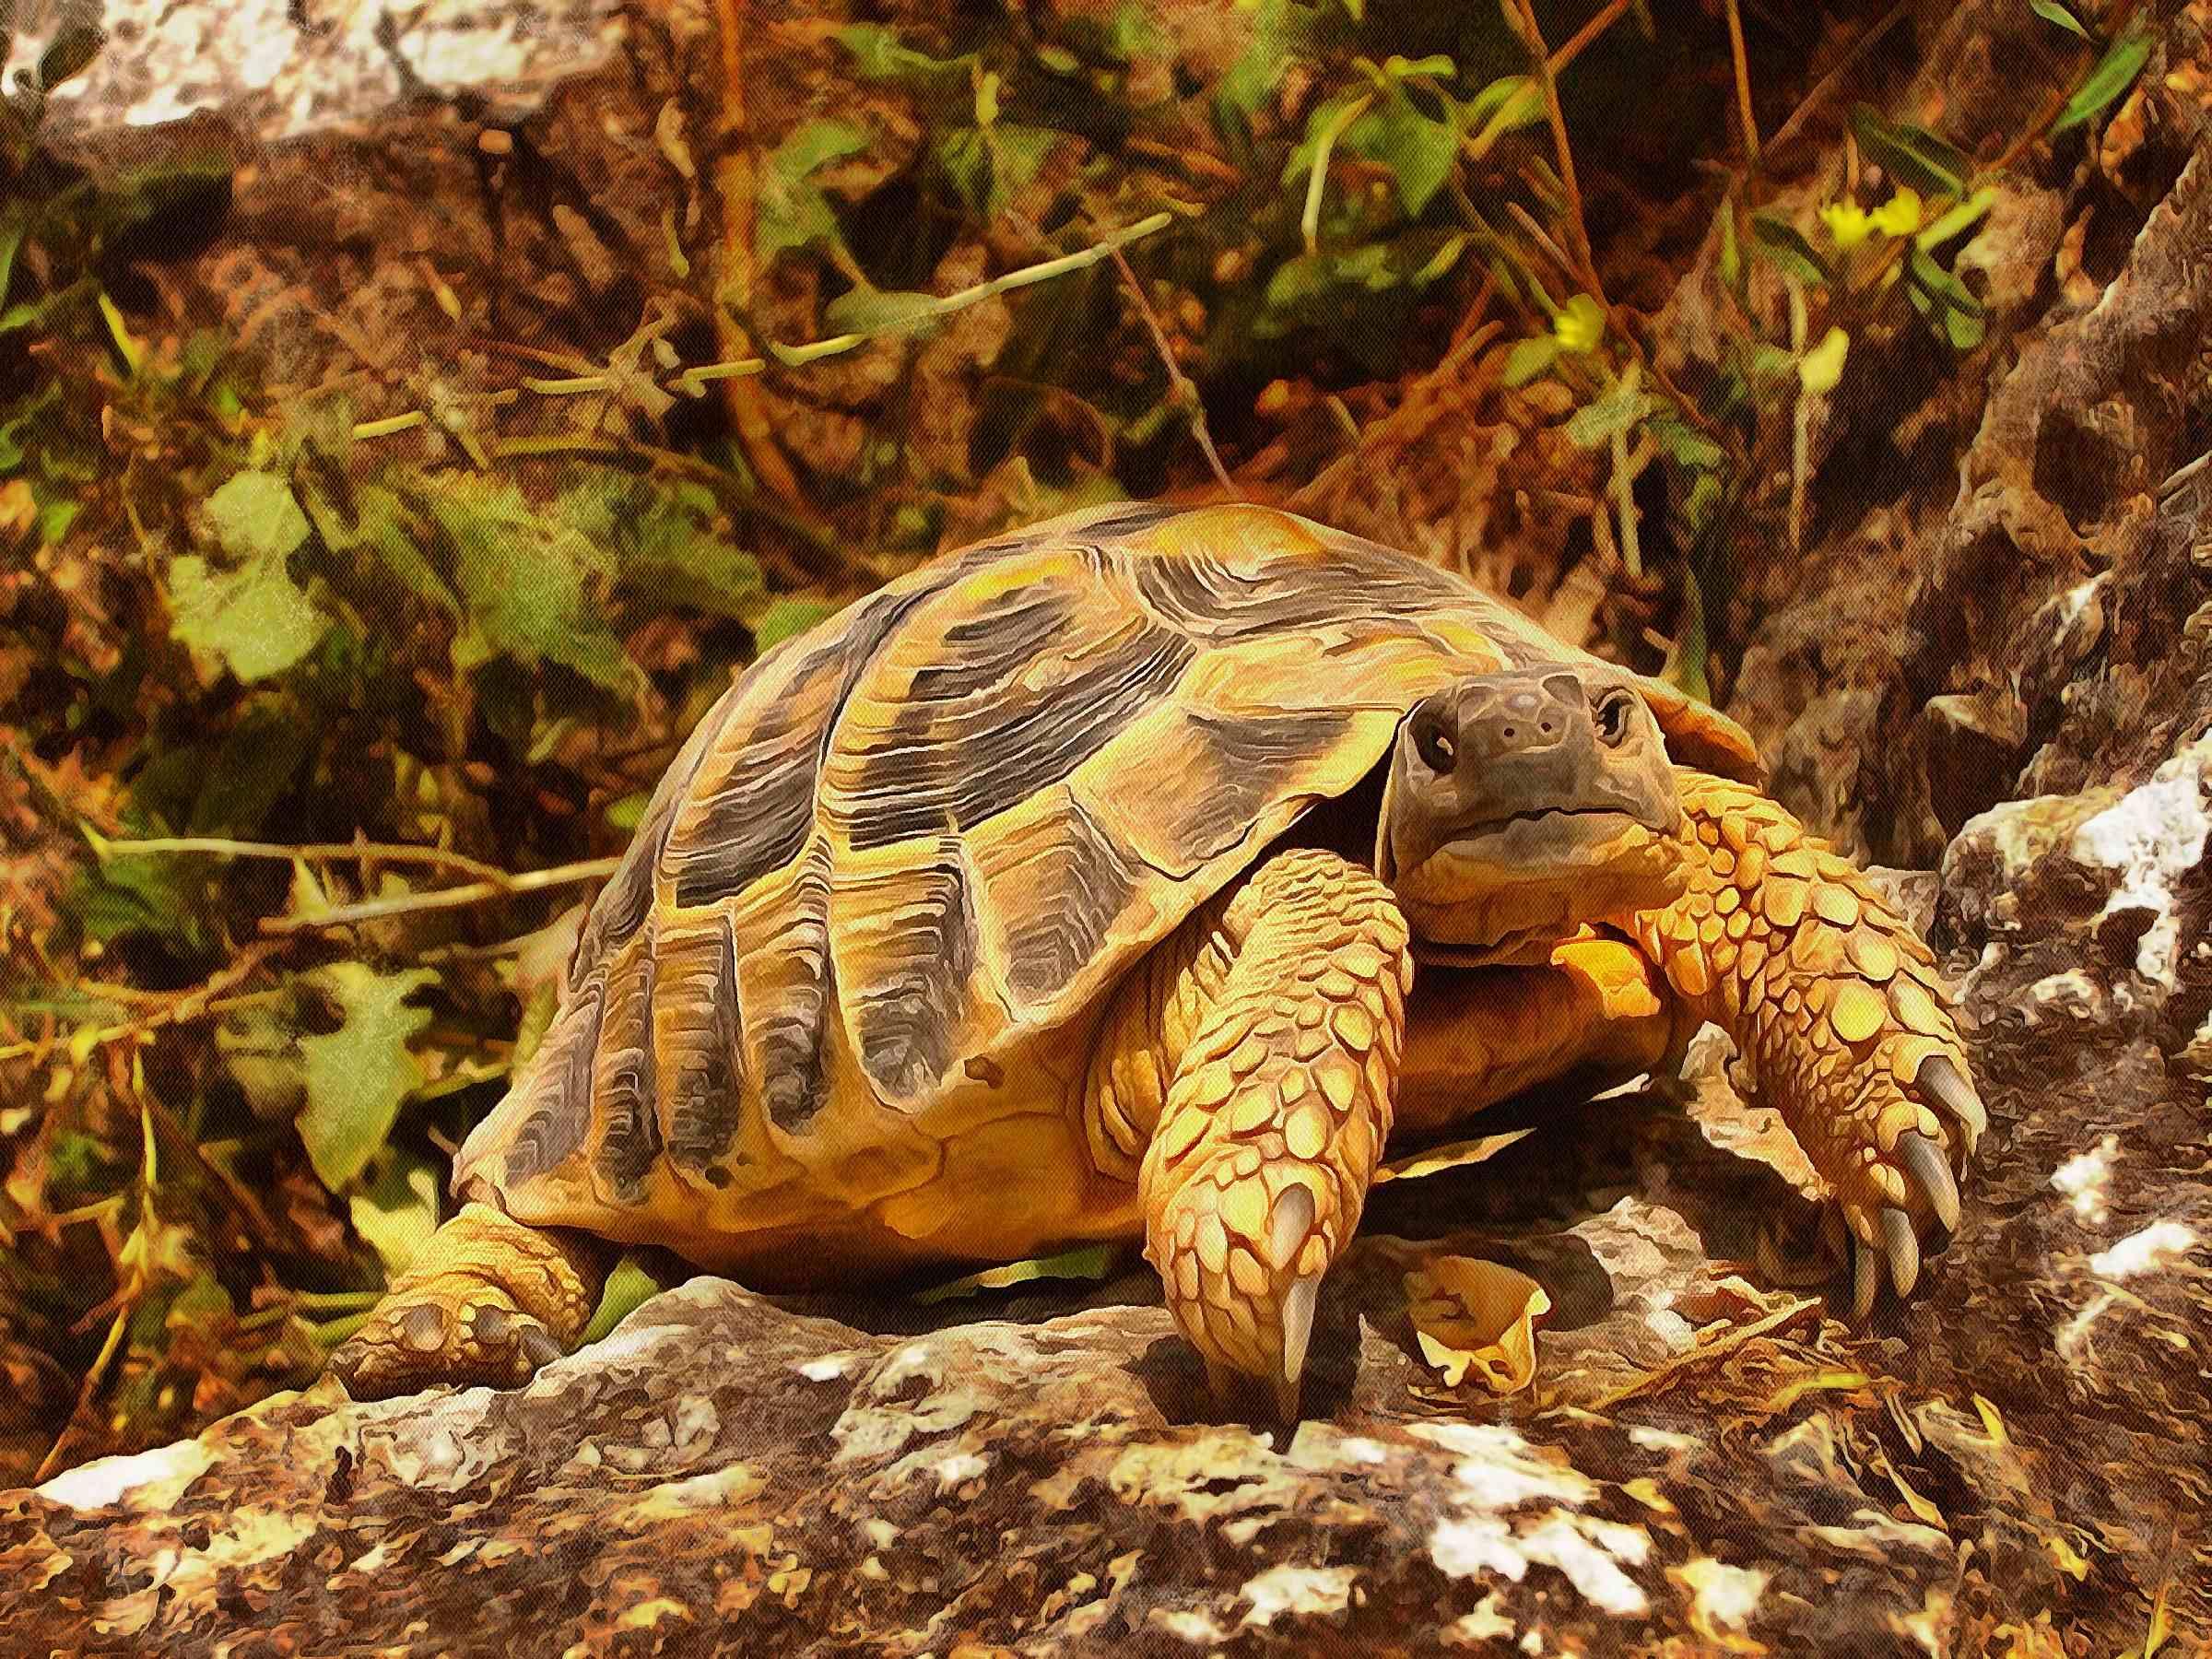 Leatherback, turtle, Turtle, Tortoise, Turtle free images,  – Turtle free images, Tortoise free , Turtle stock free images, Download free images turtles, tortoise free images, tortoise public domain images!